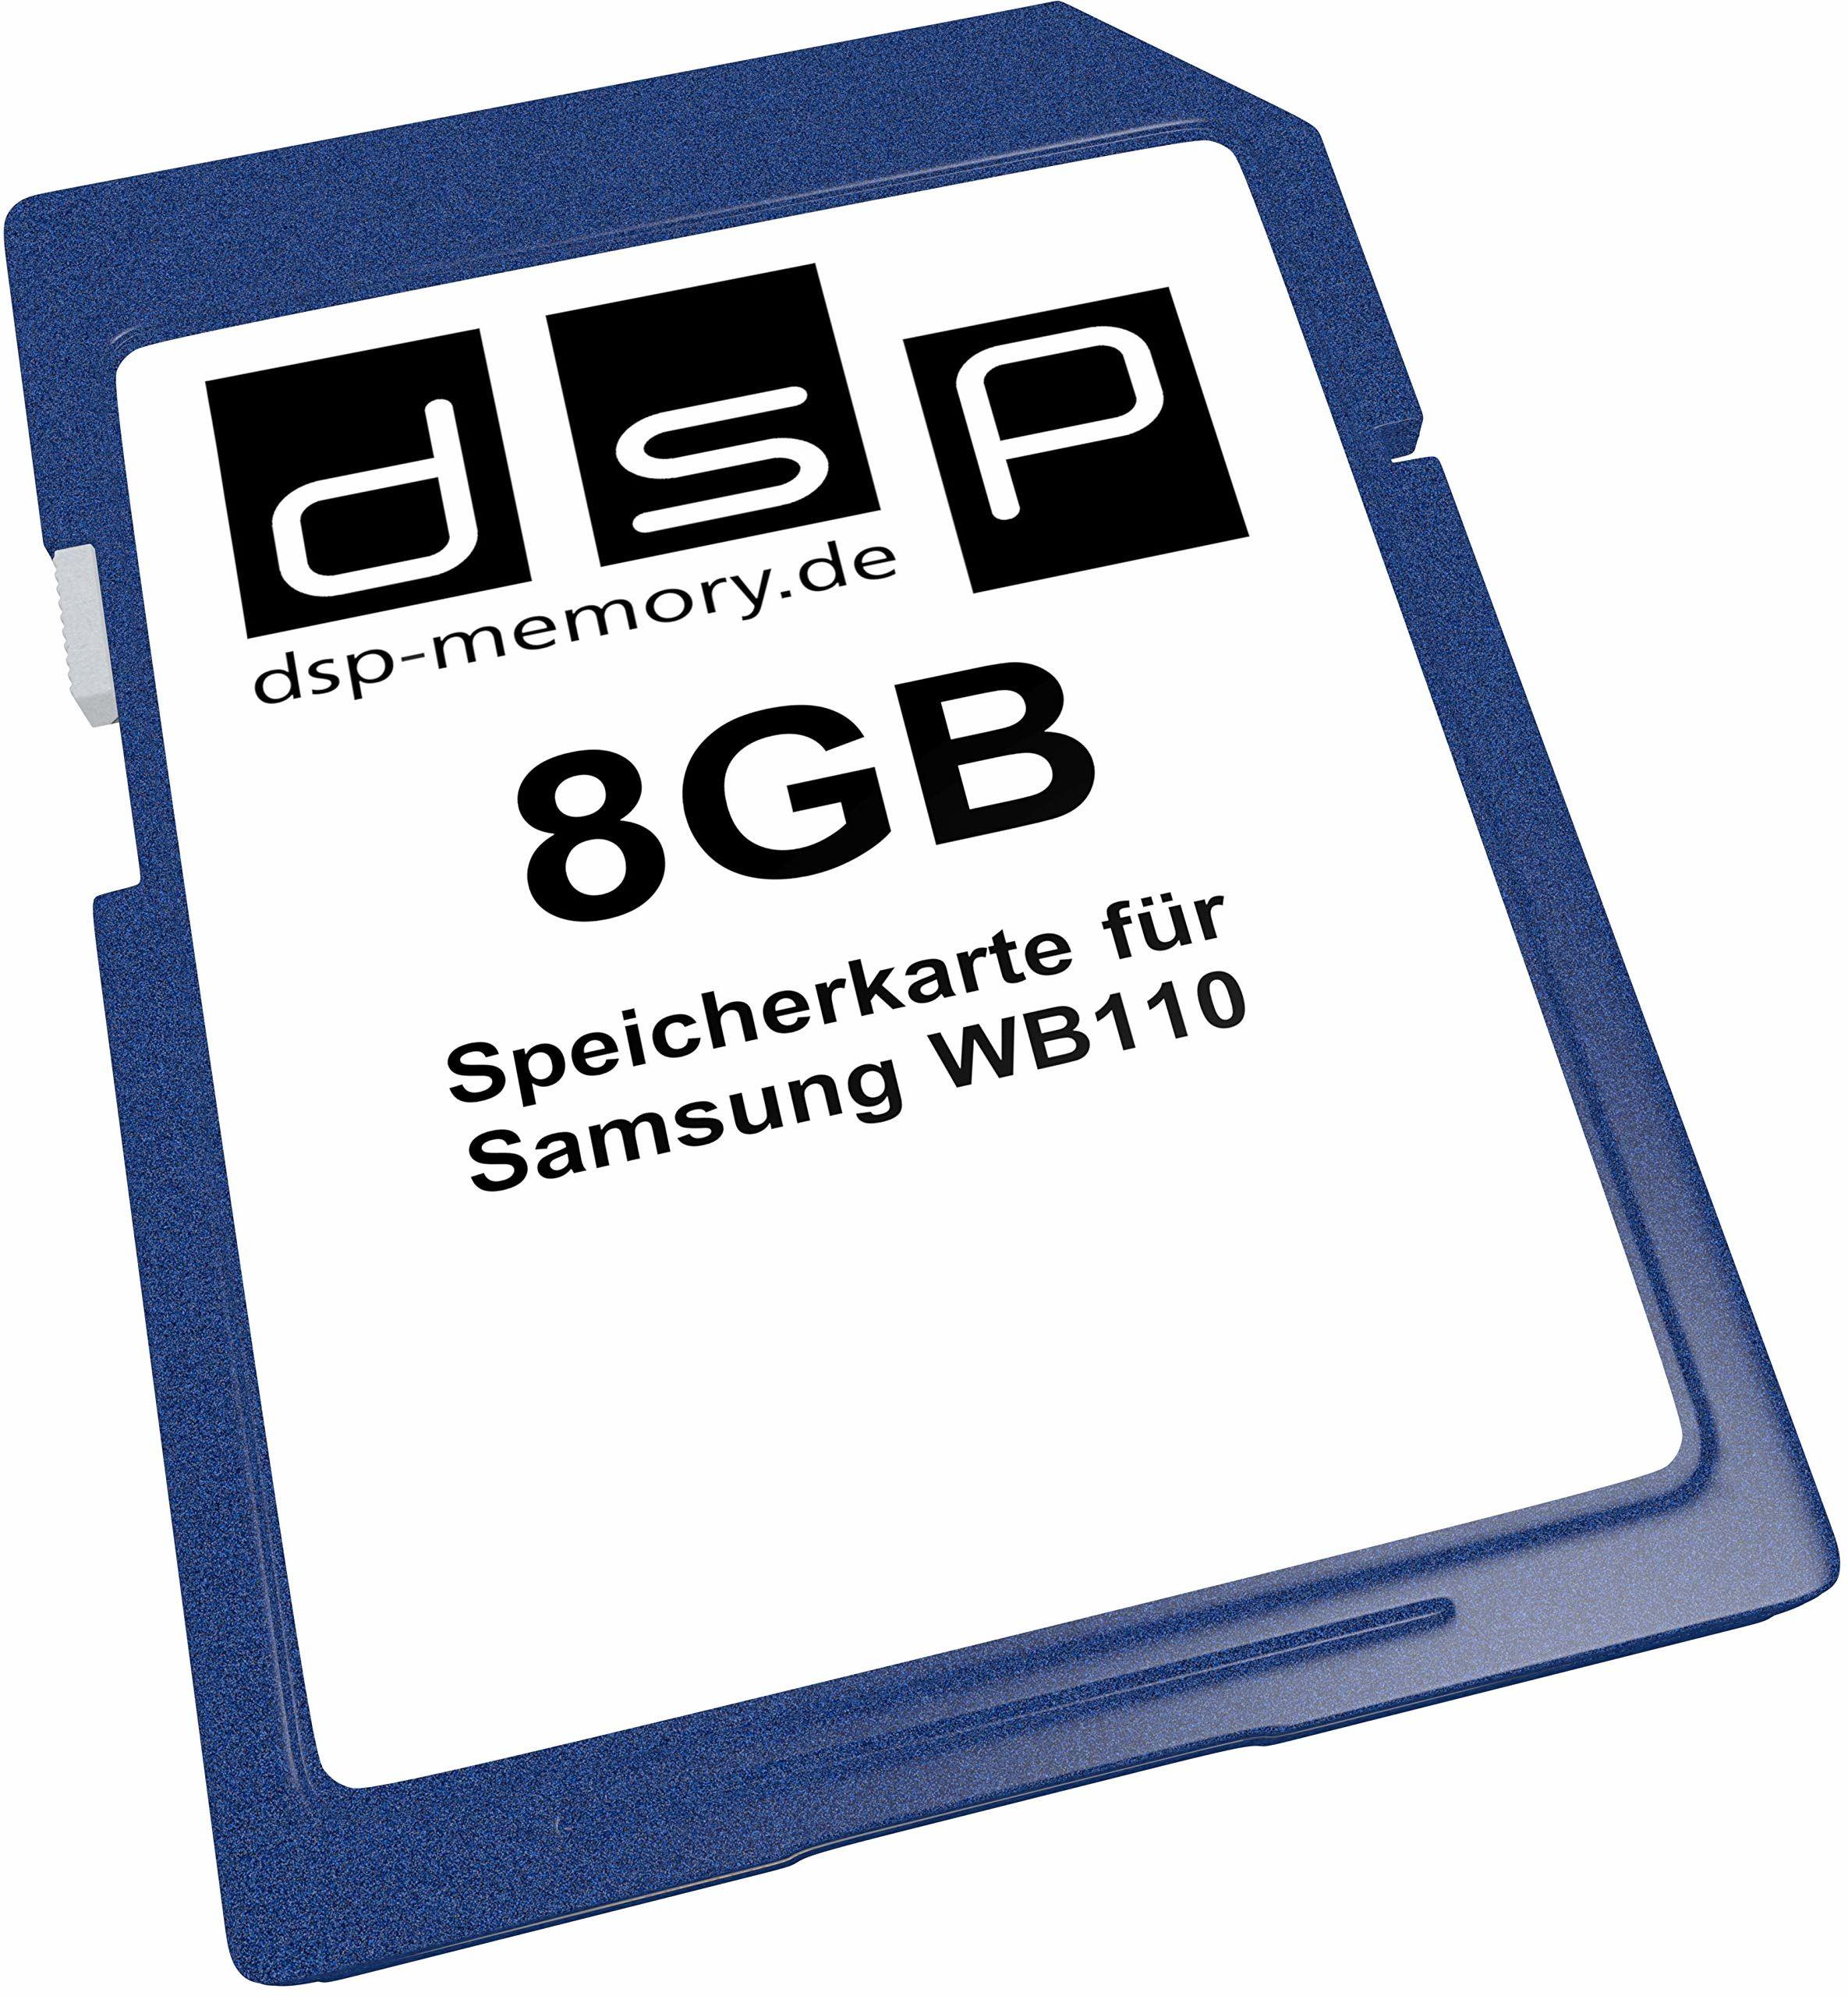 Karta pamięci 8 GB do Samsung WB110